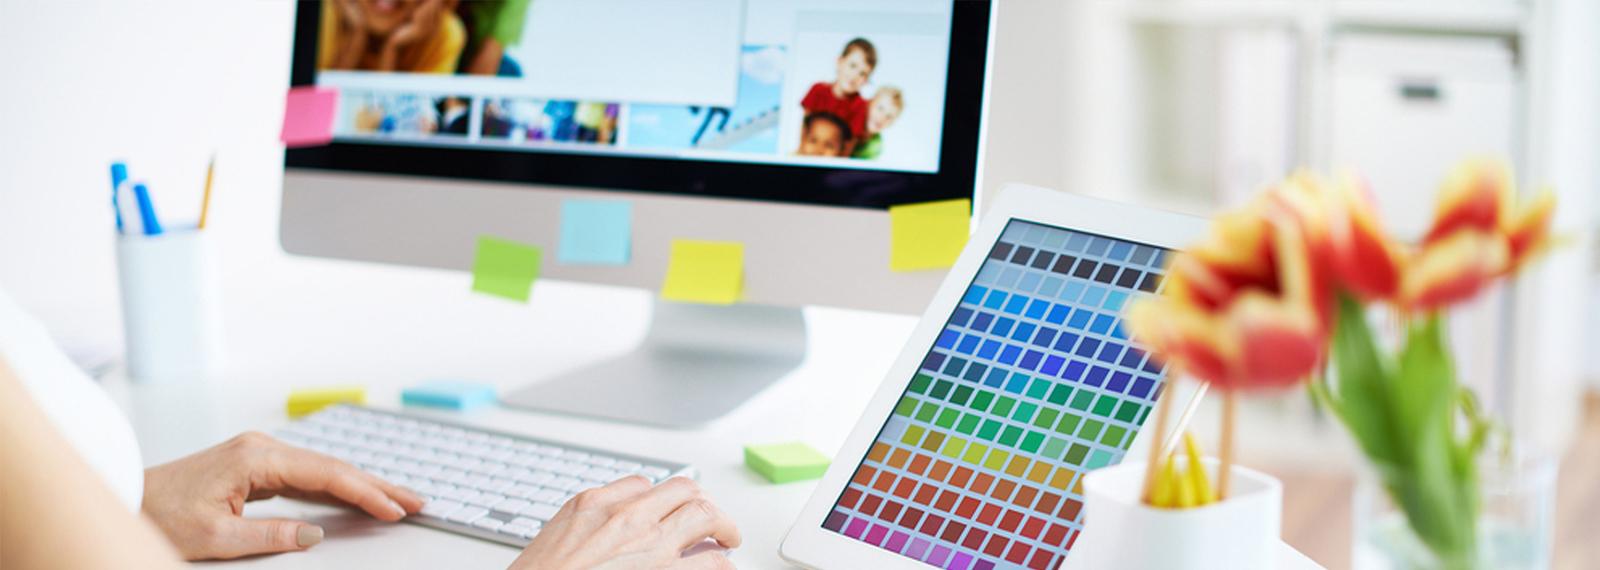 Відмінність web-розробки від web-дизайну - Фото 1